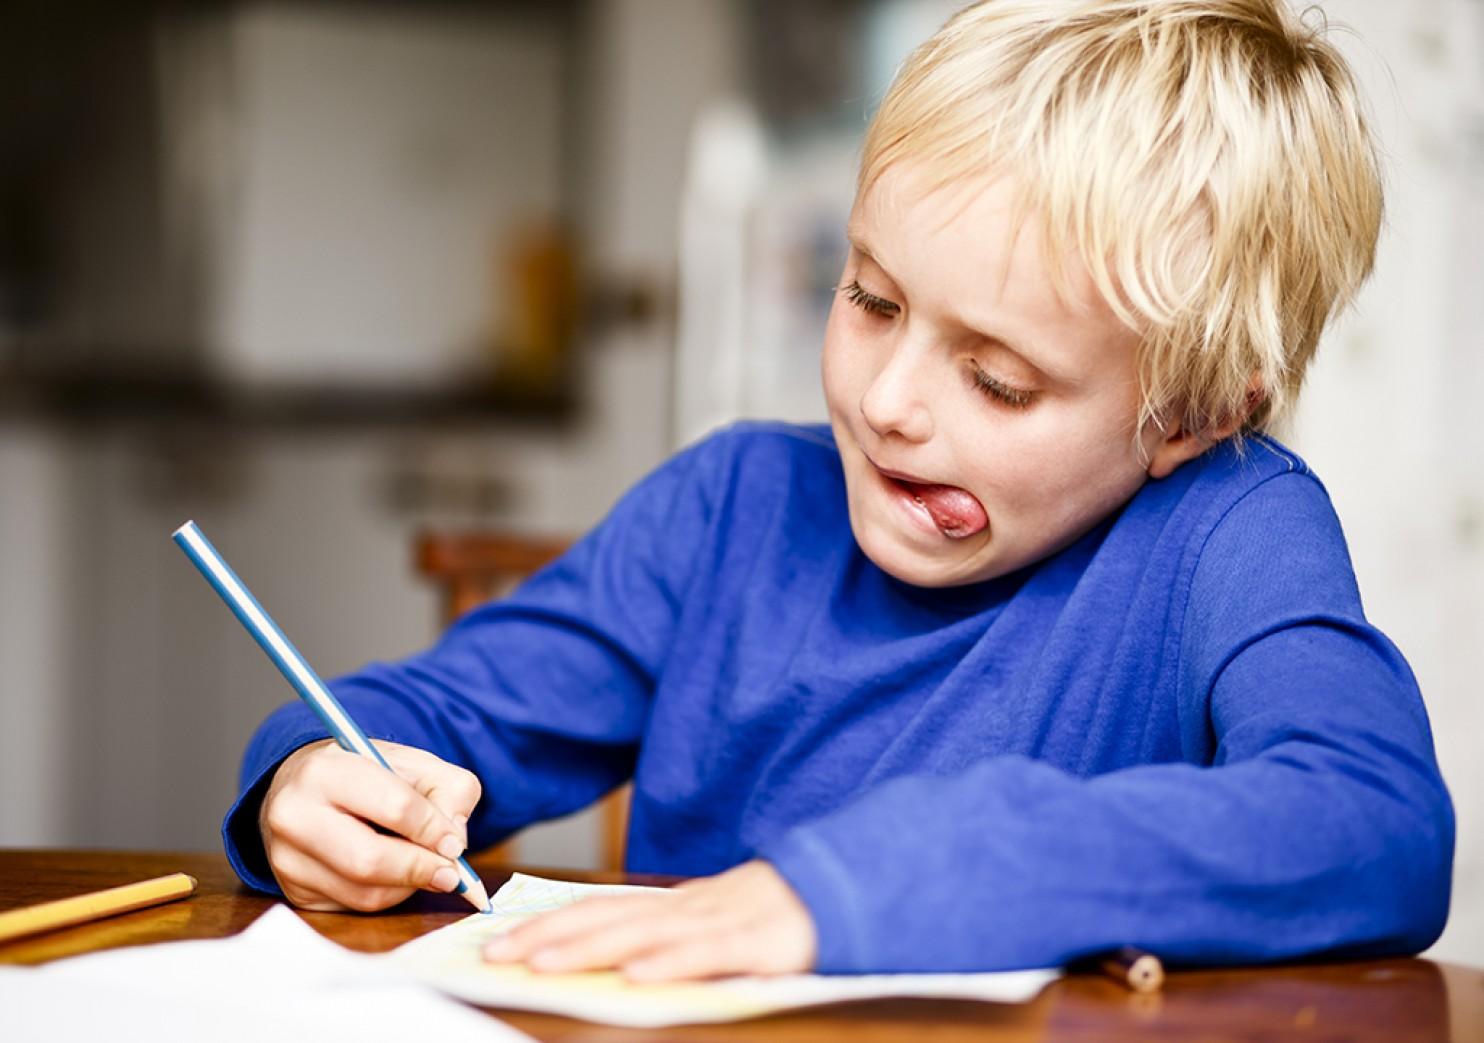 perche-i-bambini-tirano-fuori-la-lingua-quando-si-concentrano-fb